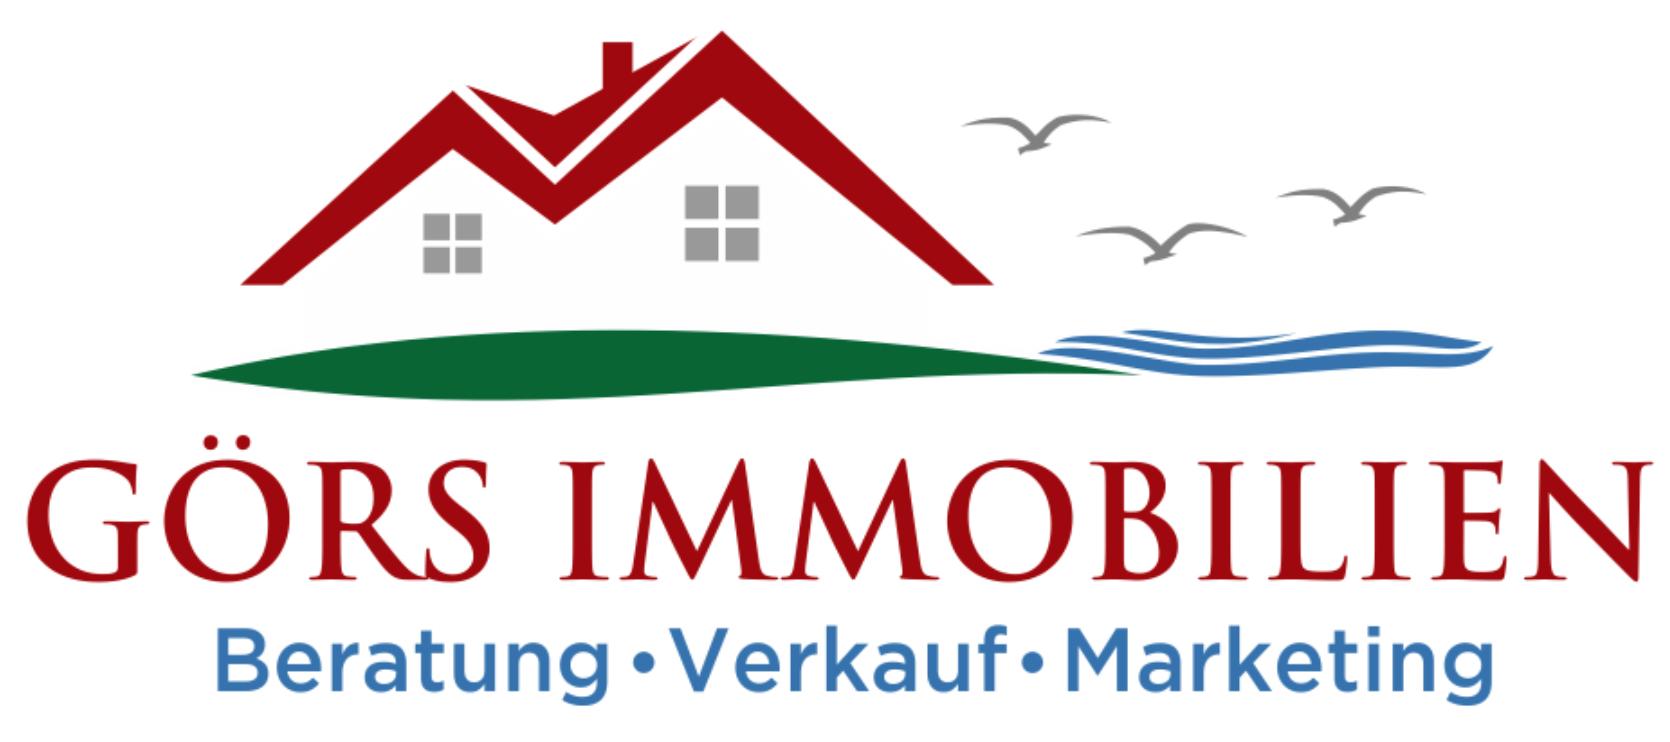 Public Relations und Werbeagentur Görs Communications erweitert Services mit Görs Immobilien